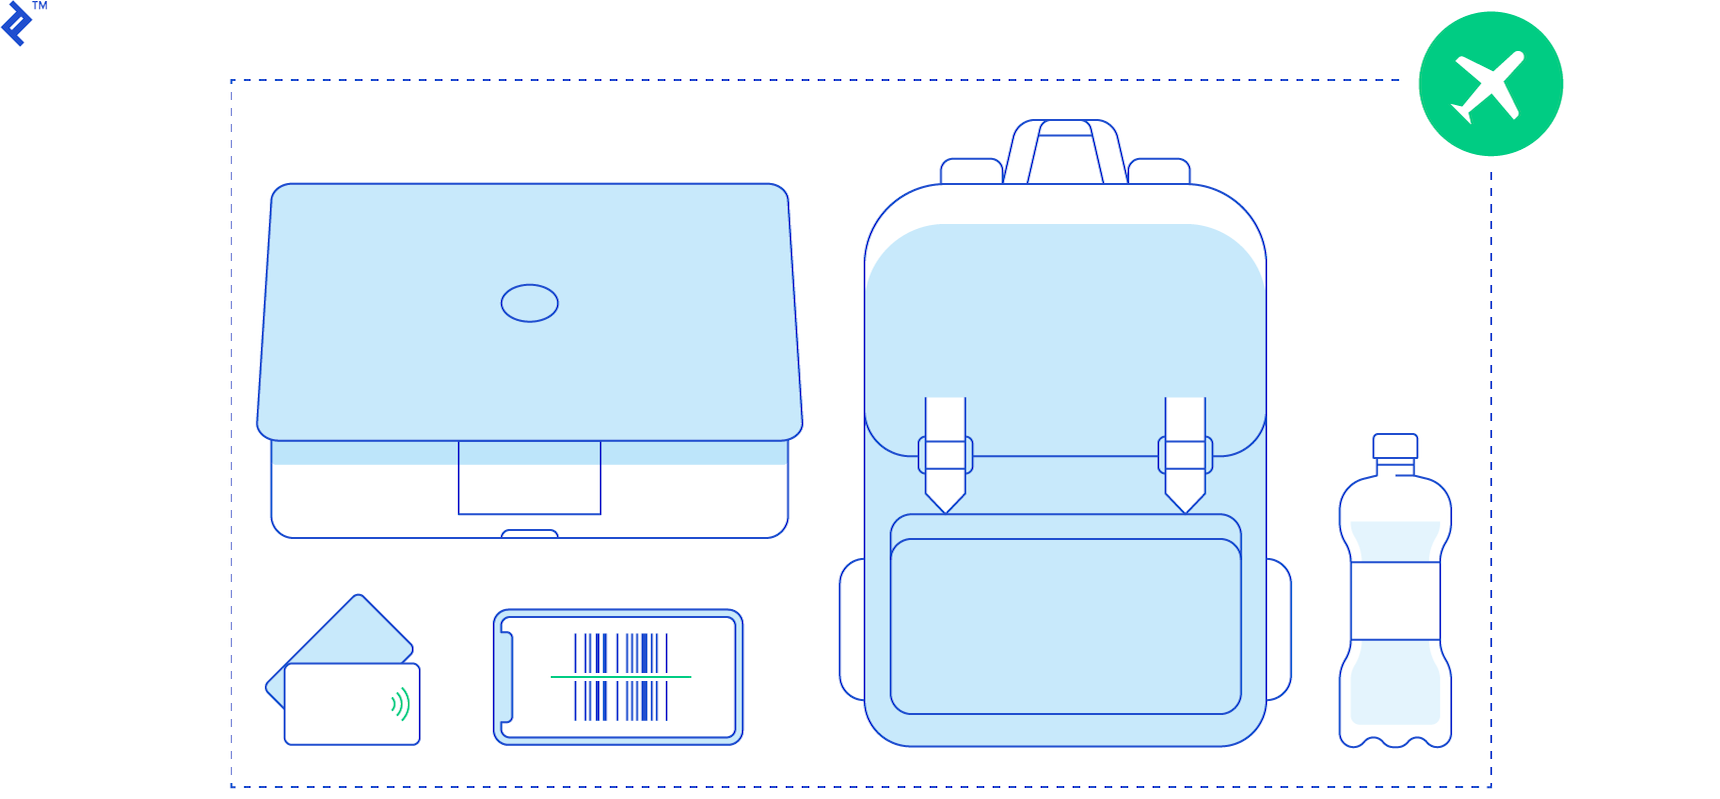 Esenciales para un guerrero del camino: Herramientas, empaques de viaje, y tarjetas SIM. No te confundas. Empaca ligero, pero empaca inteligente.